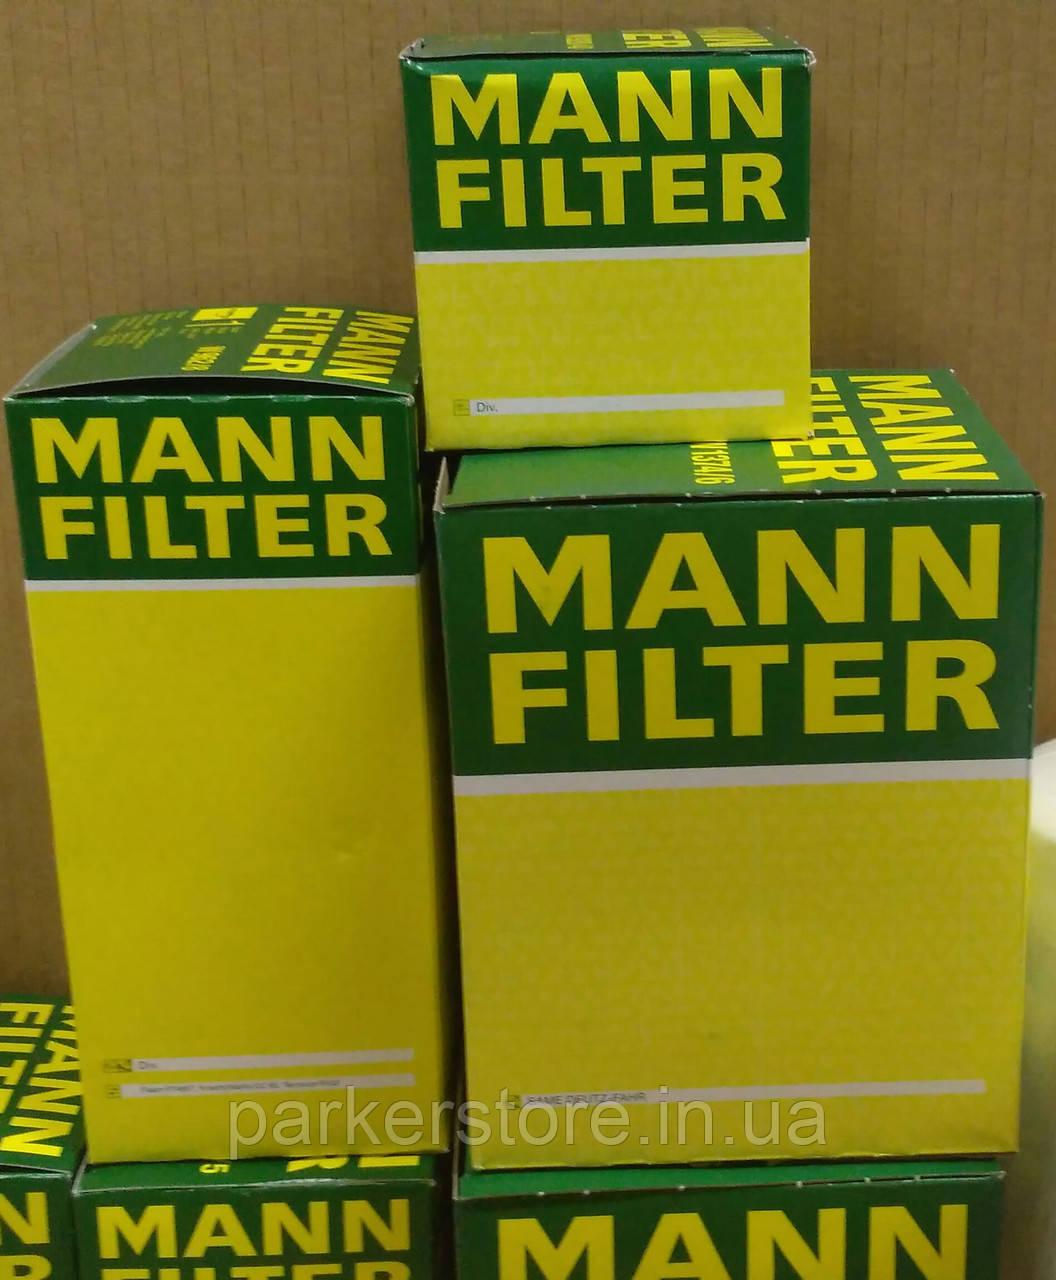 MANN FILTER / Повітряний фільтр / C 78/6 / C78/6